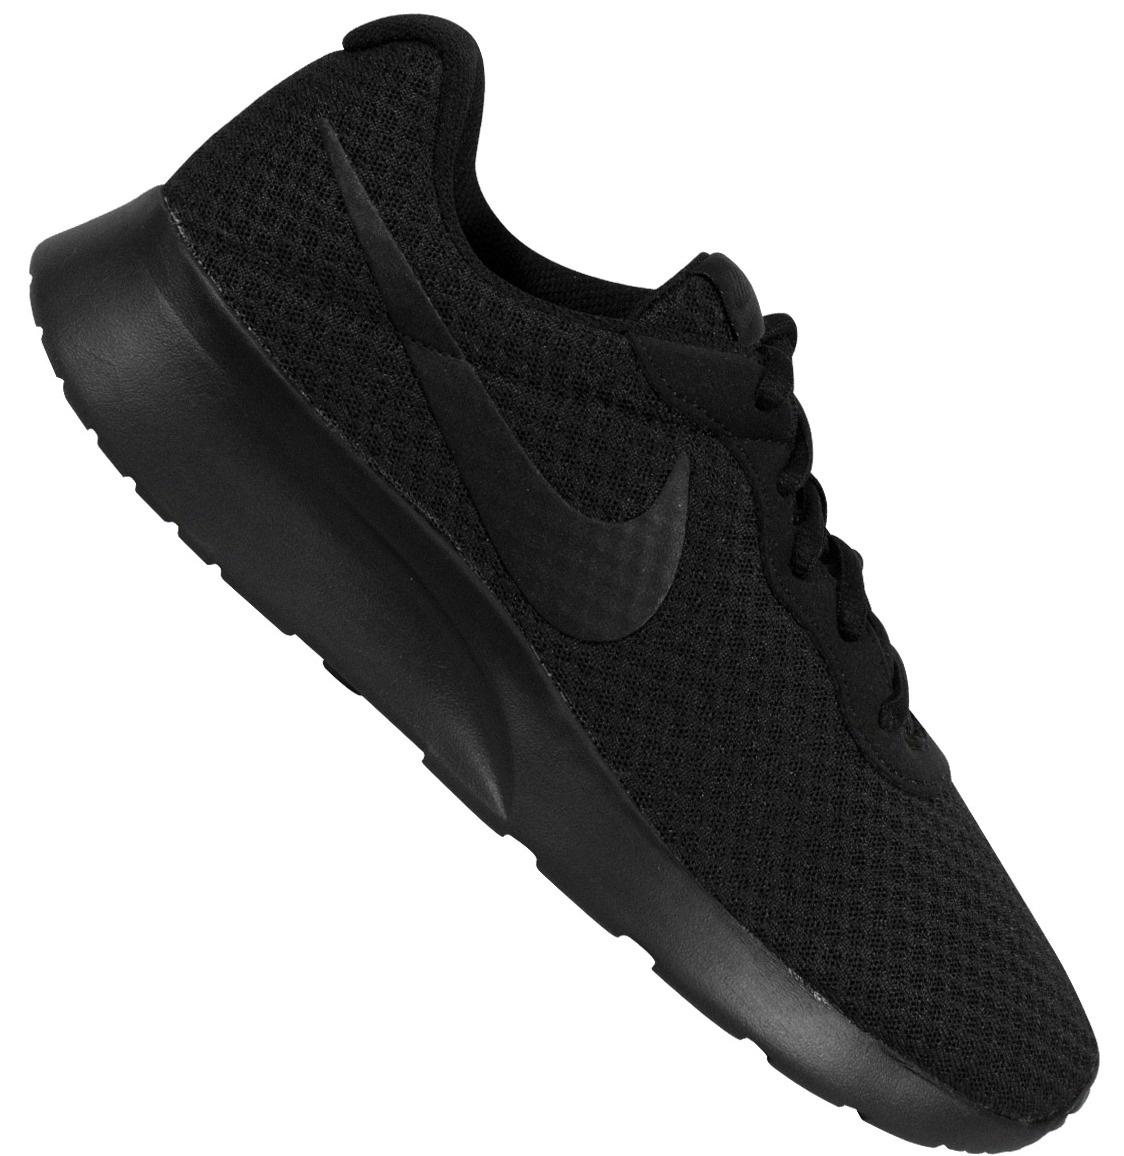 Кроссовки TANJUN 812654001 Nike — купить с доставкой в Киев и по Украине 7f66bef003